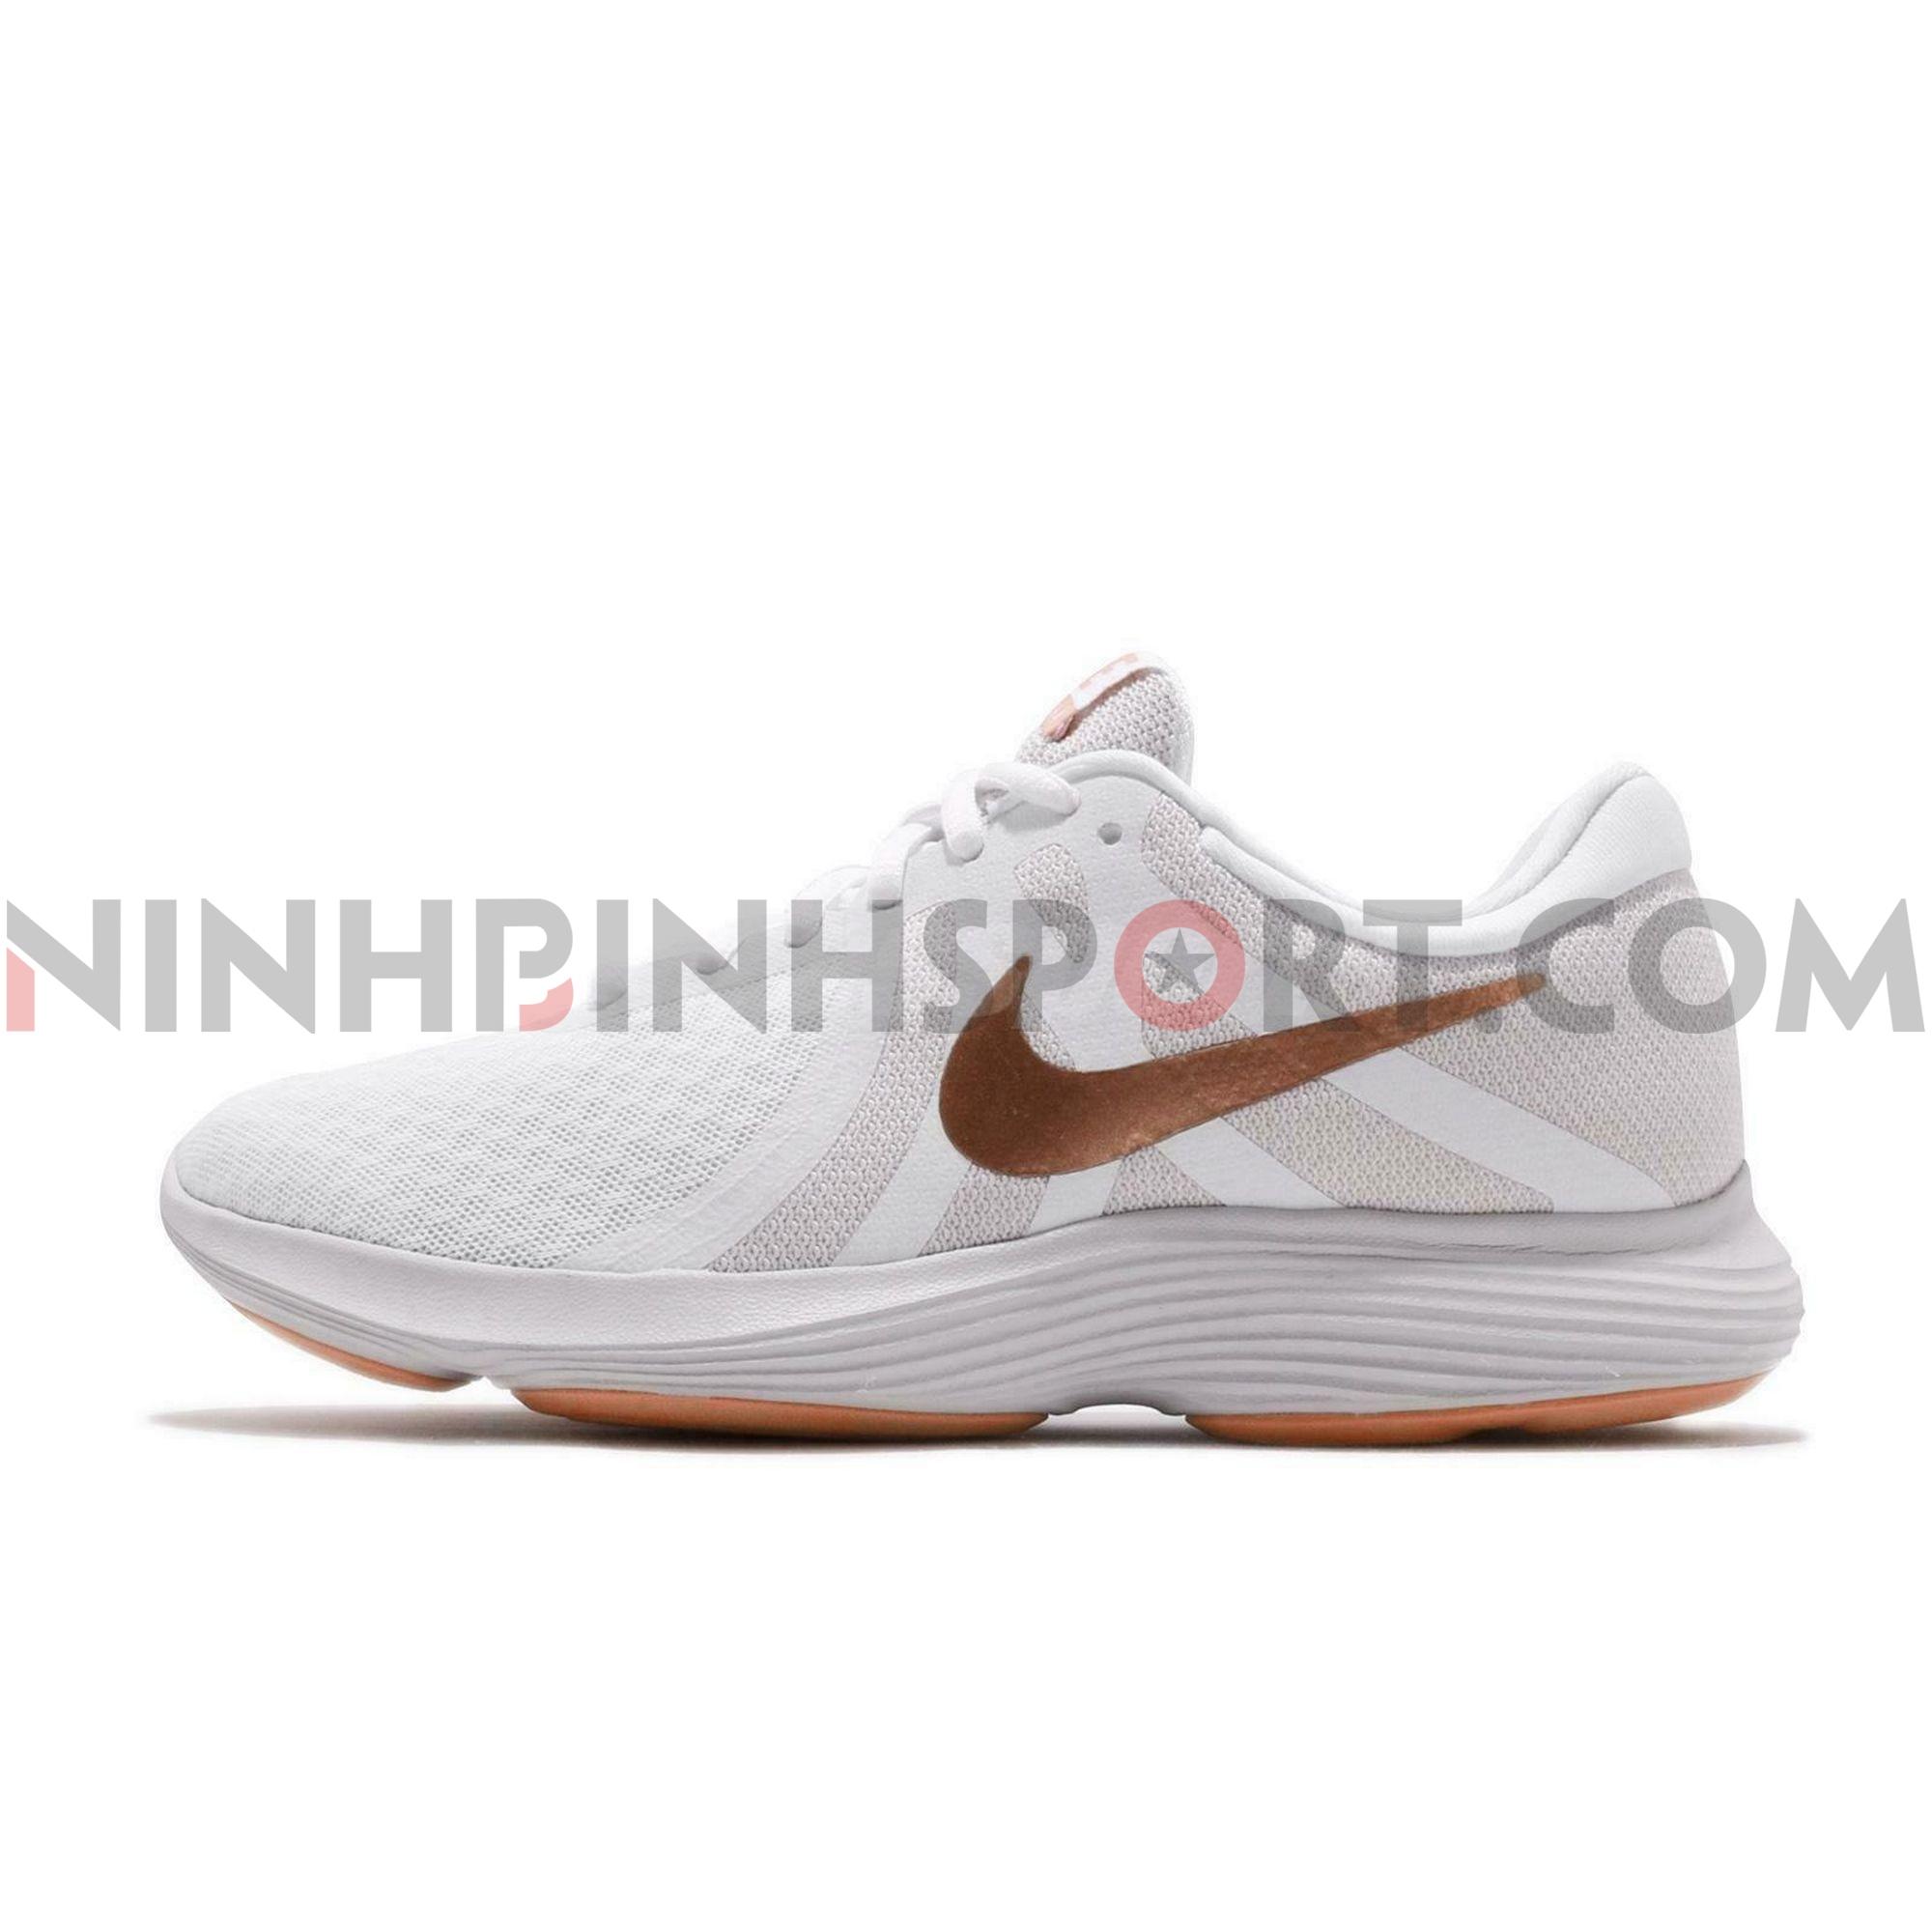 Giày thể thao nữ Nike Revolution 4 White 908999-102